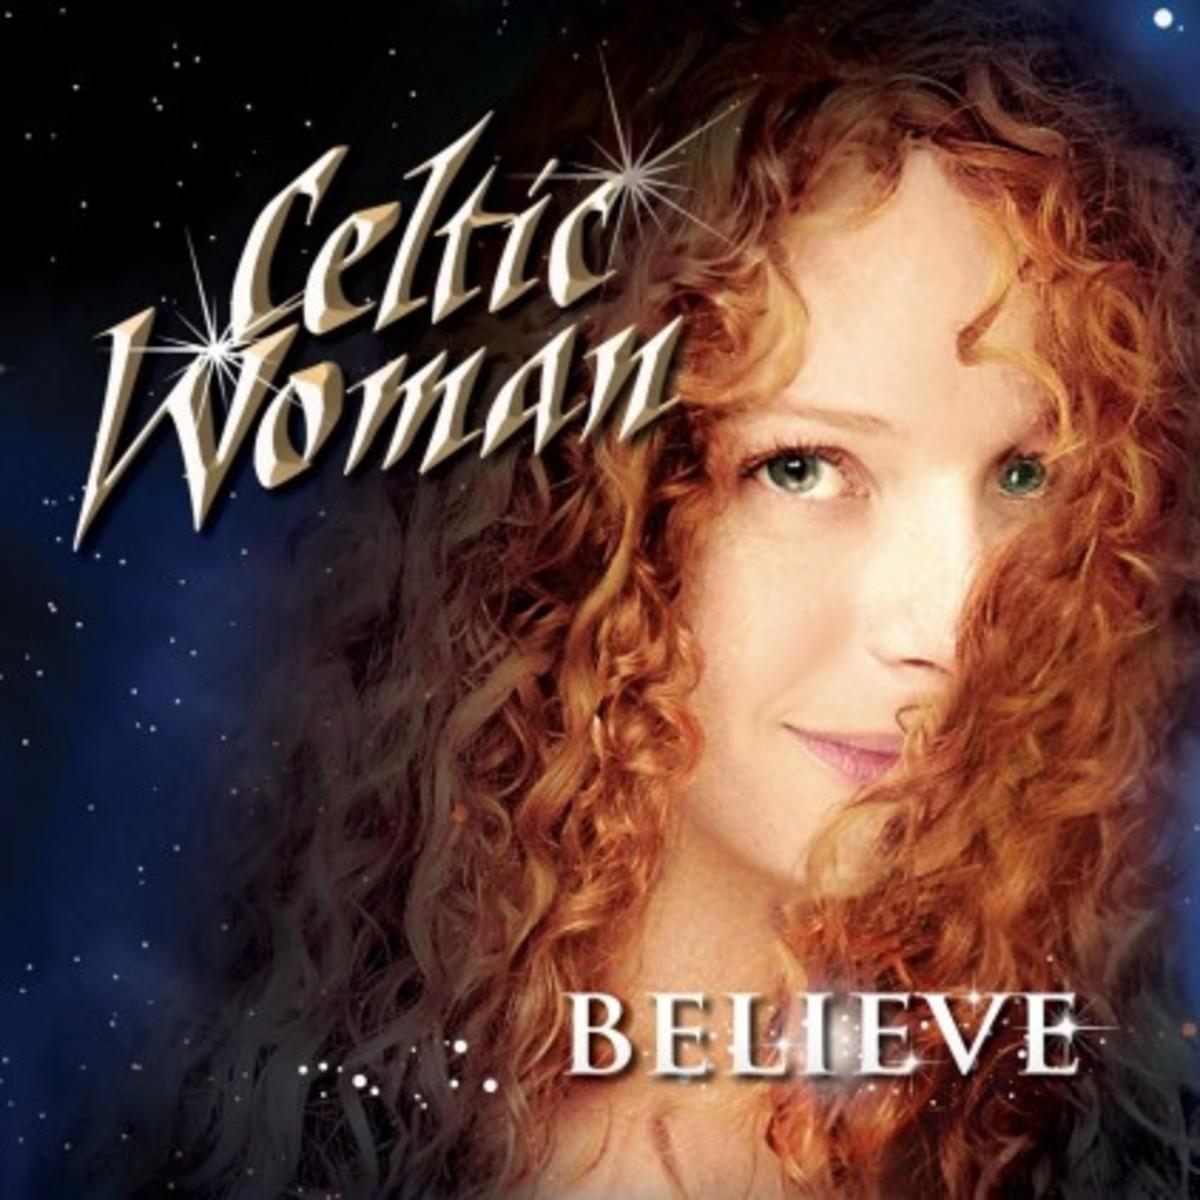 The BELIEVE album.